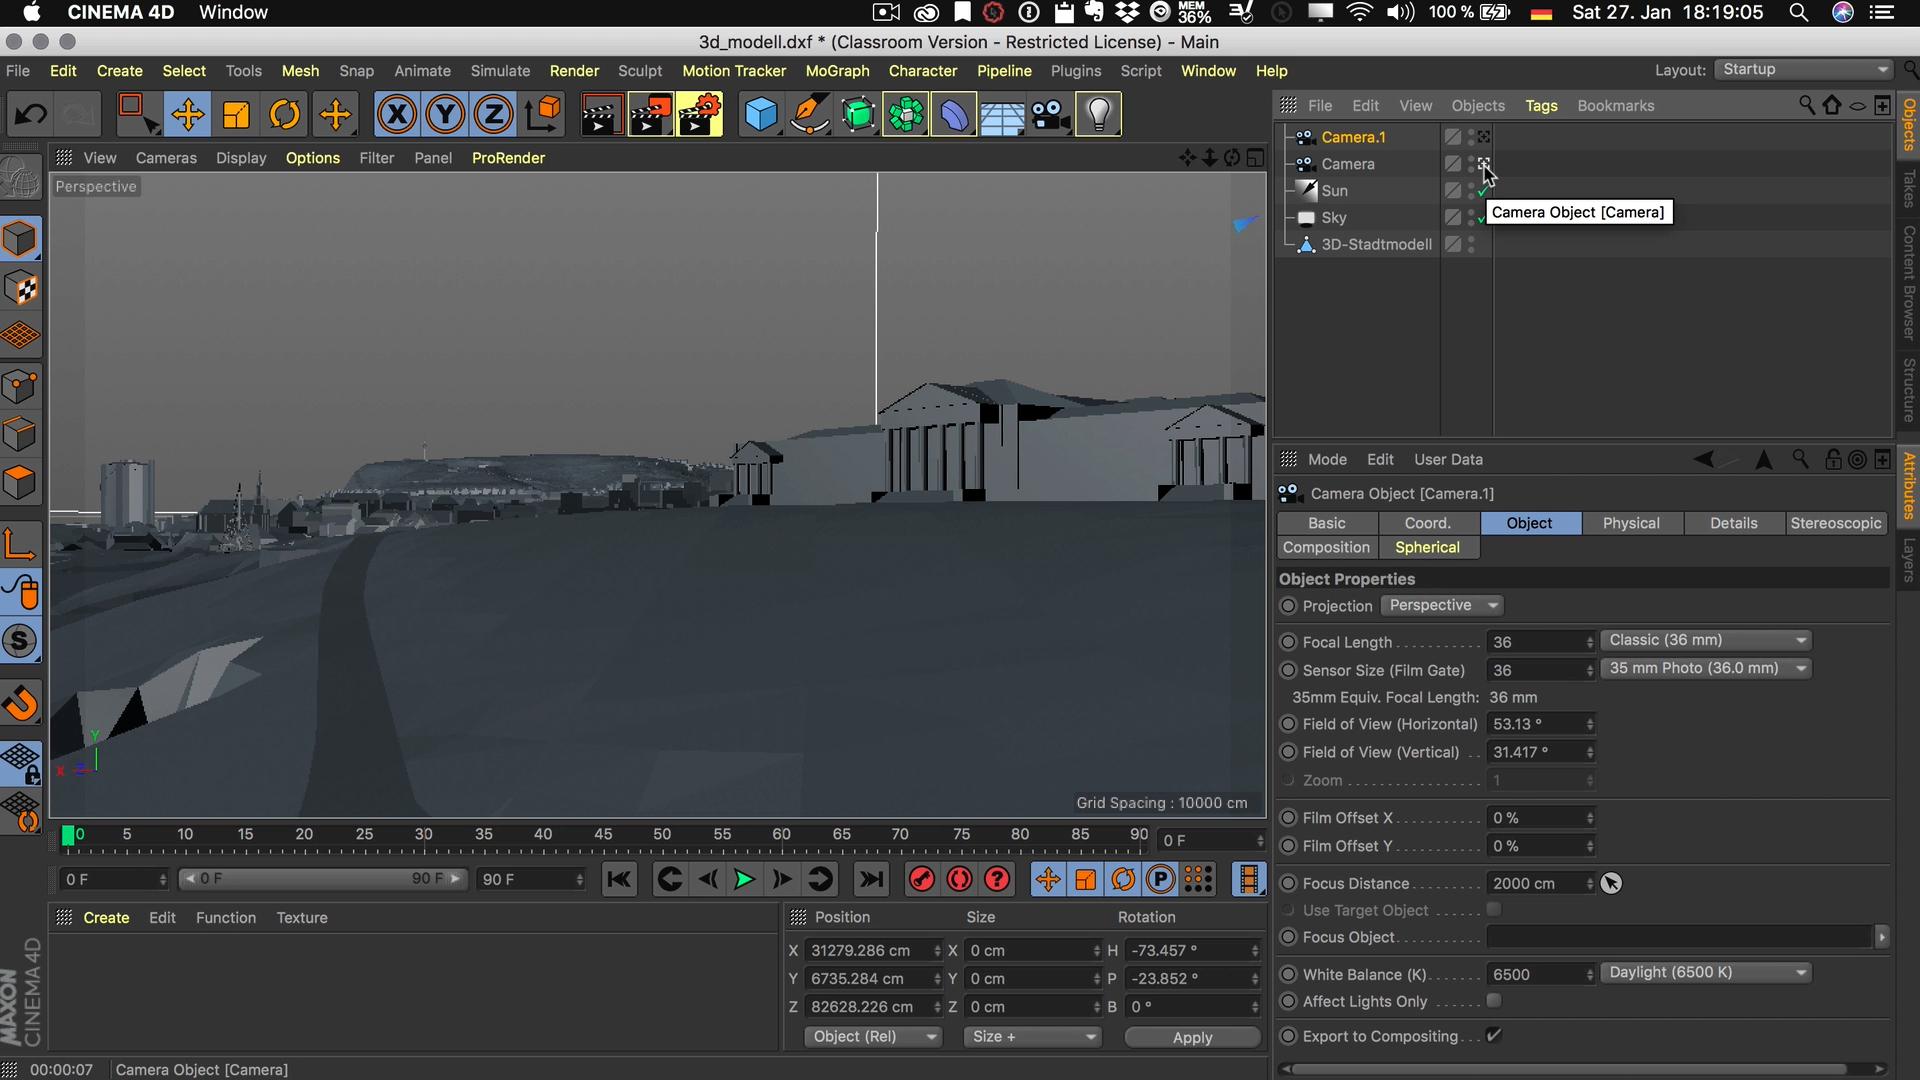 Cinema4D 3D-Stadtmodell Kameras umschalten